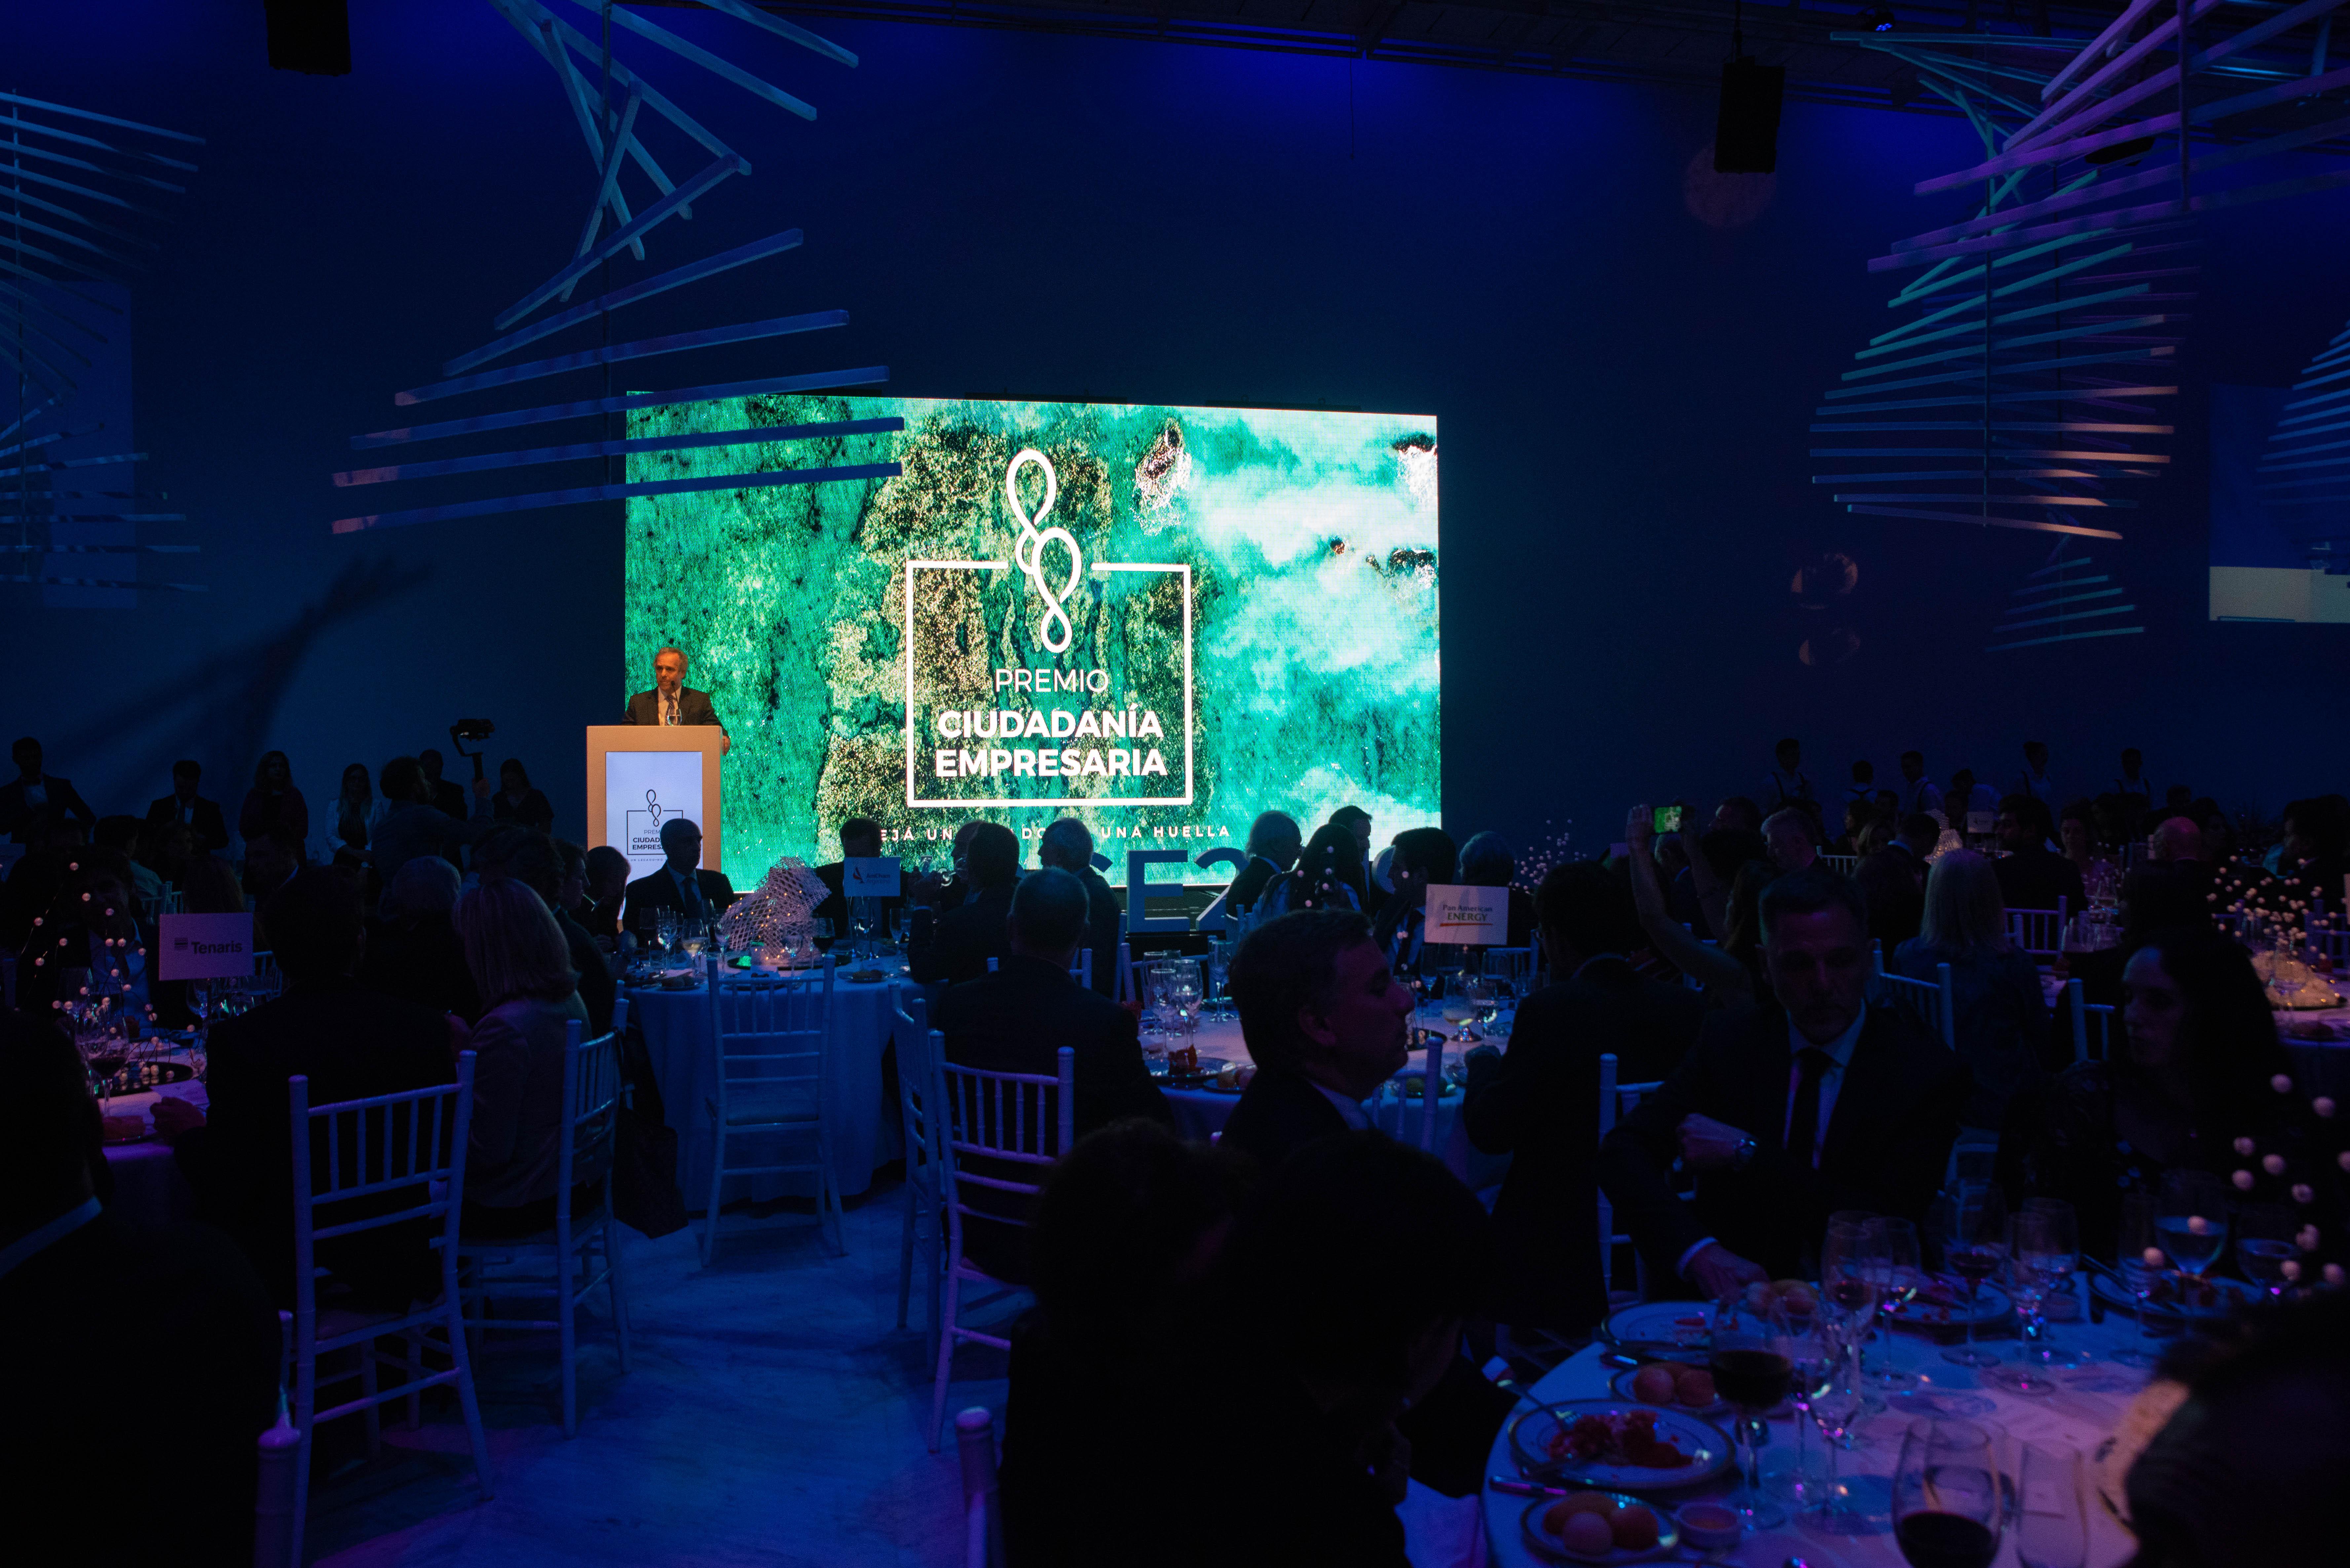 Ganadores 2019 del Premio Ciudadanía Empresaria: • Iniciativas Sustentables en Gobierno Corporativo – Valores de Responsabilidad Socioambiental: Grupo Arcor • Gobierno Corporativo- Transparencia y Rendición Responsable de Cuentas: San Miguel • Gobierno Corporativo – Involucramiento de Partes Interesadas: Telefónica • Iniciativas Sustentables Medioambiente – Uso de Energía: Cervecería y Maltería Quilmes • Iniciativas Sustentables Medioambiente – Uso de Agua: Toyota • Iniciativas Sustentables Medioambiente- Huella de Carbono: Novartis • Iniciativas Sustentables Sociedad- Colaboradores Internos: SAP • Iniciativas Sustentables Sociedad- Comunidades: Tenaris • Iniciativas Sustentables Sociedad- Proveedores: Walmart • Ganador Nuevo Paradigma Empresario: Hilandería Warmi